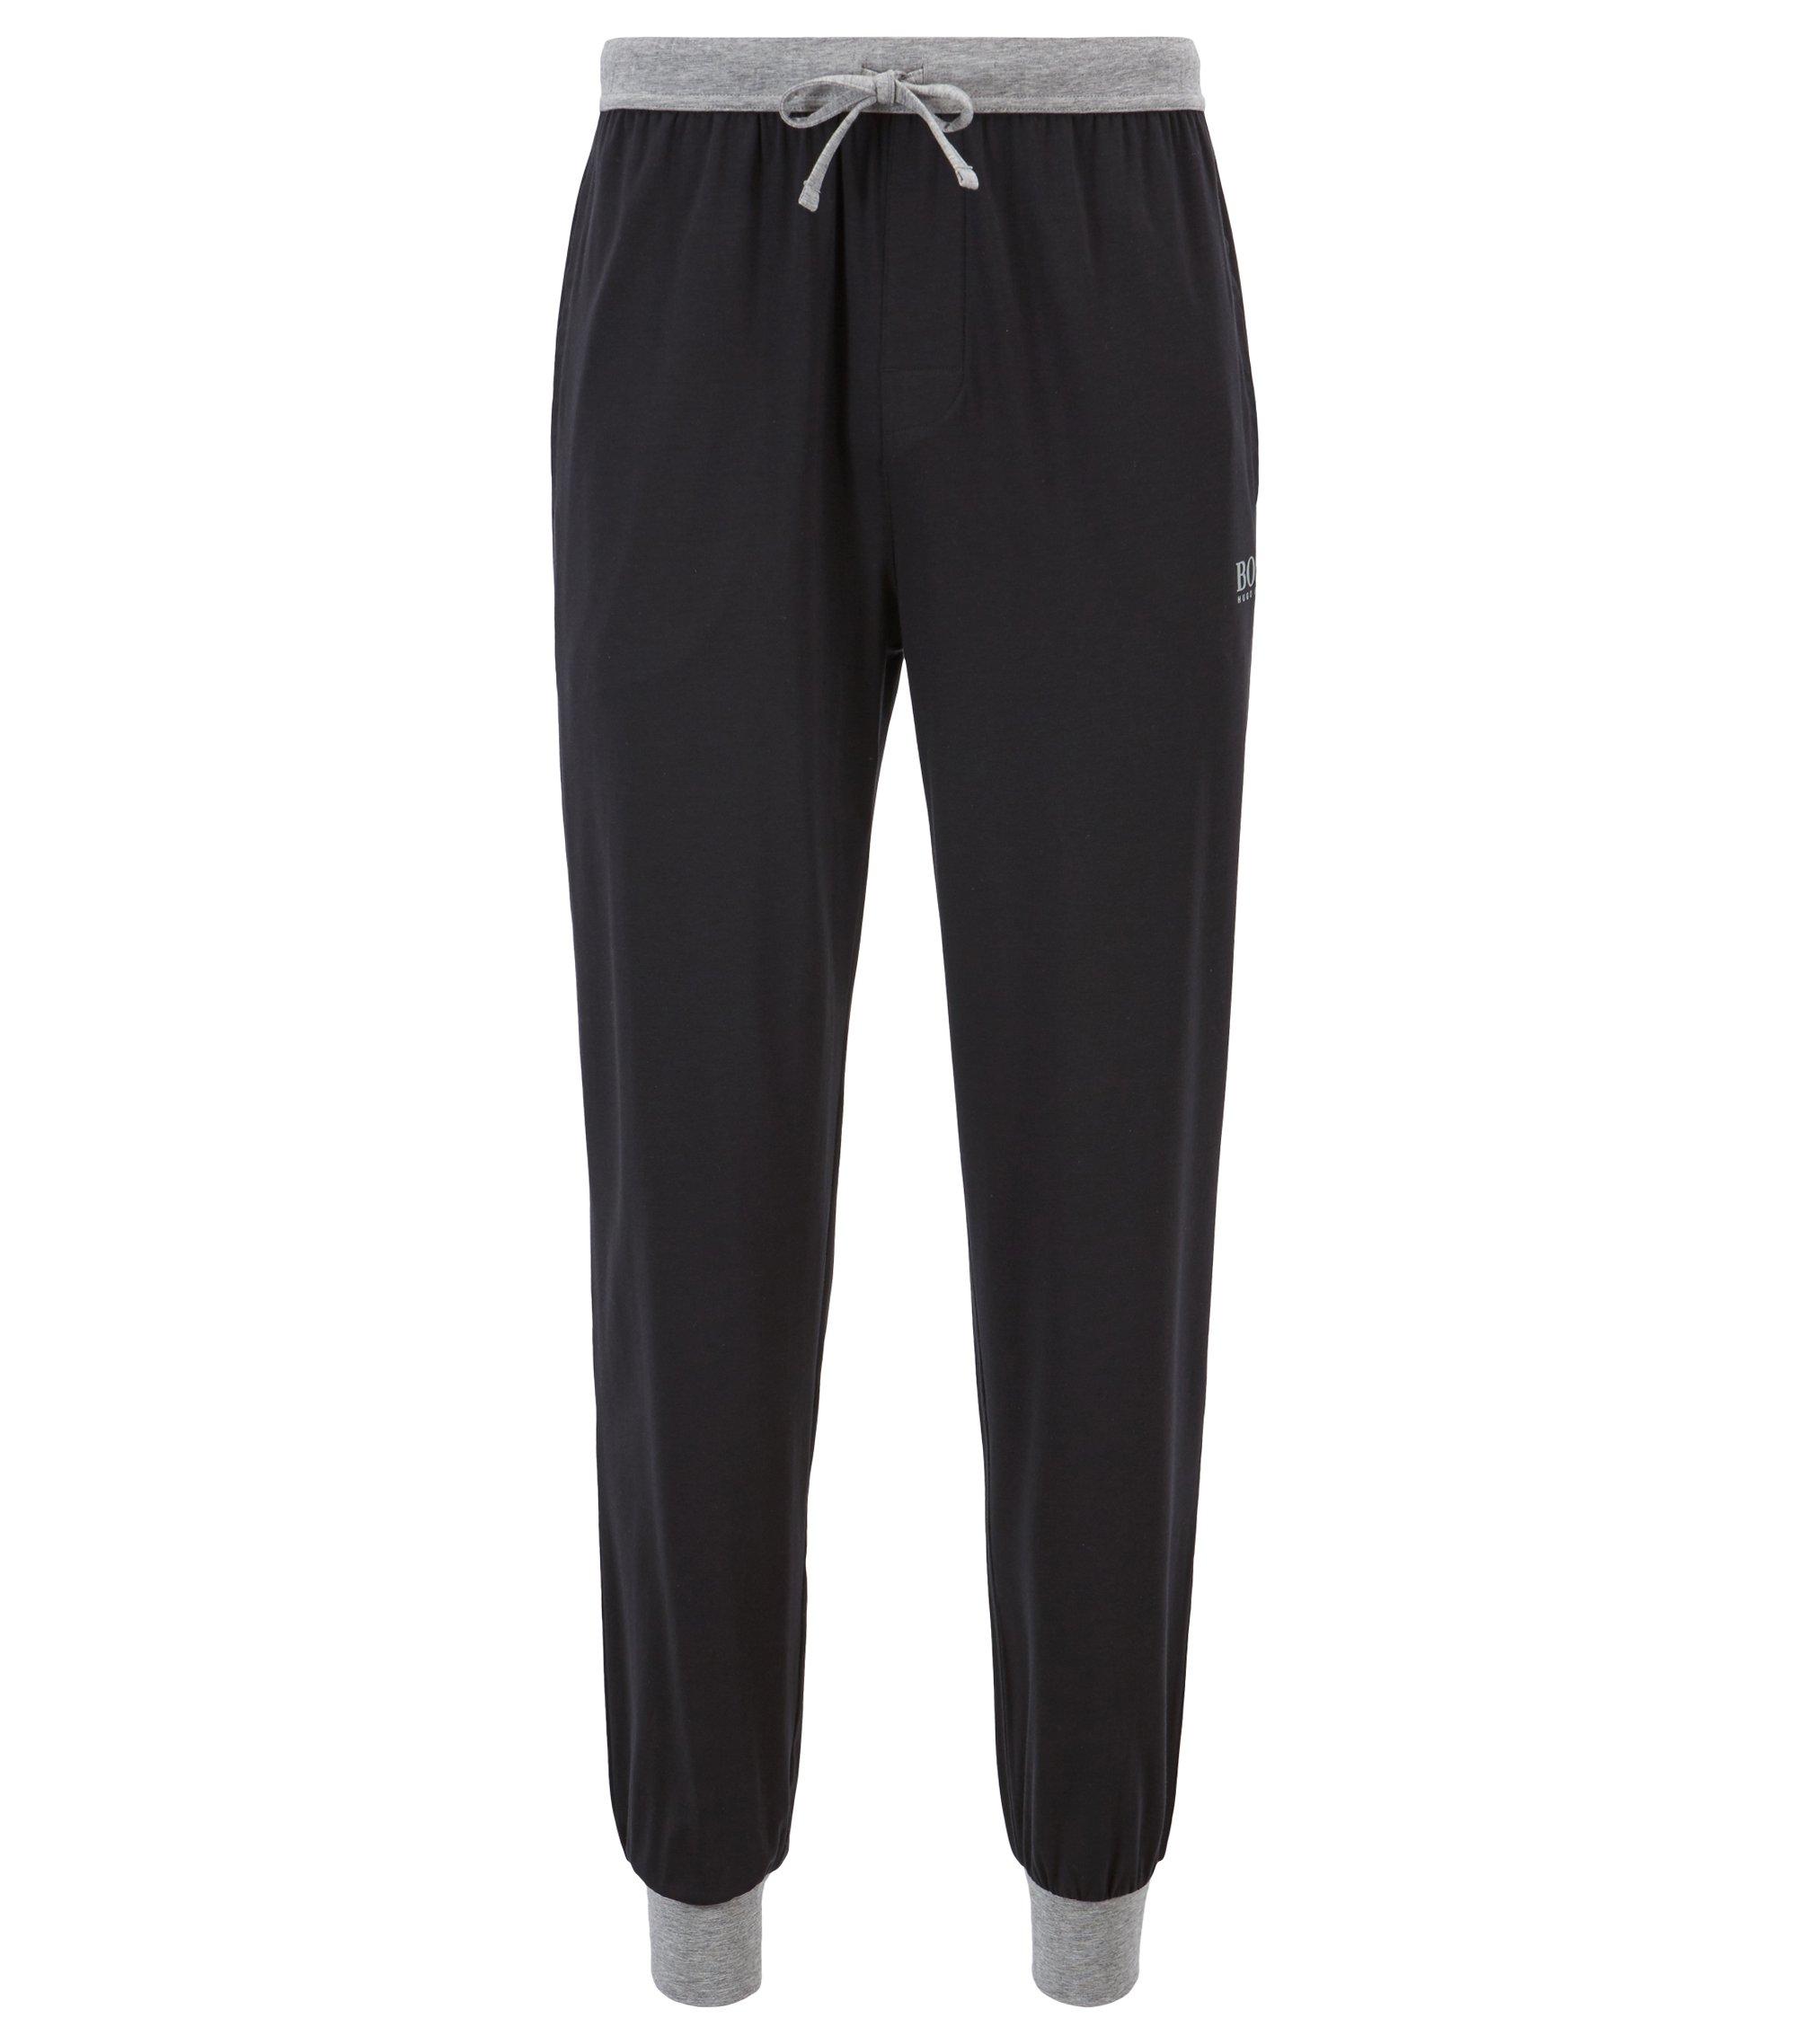 Pyjama-Hose aus Single Jersey mit Tunnelzug und kontrastfarbenen Details, Schwarz